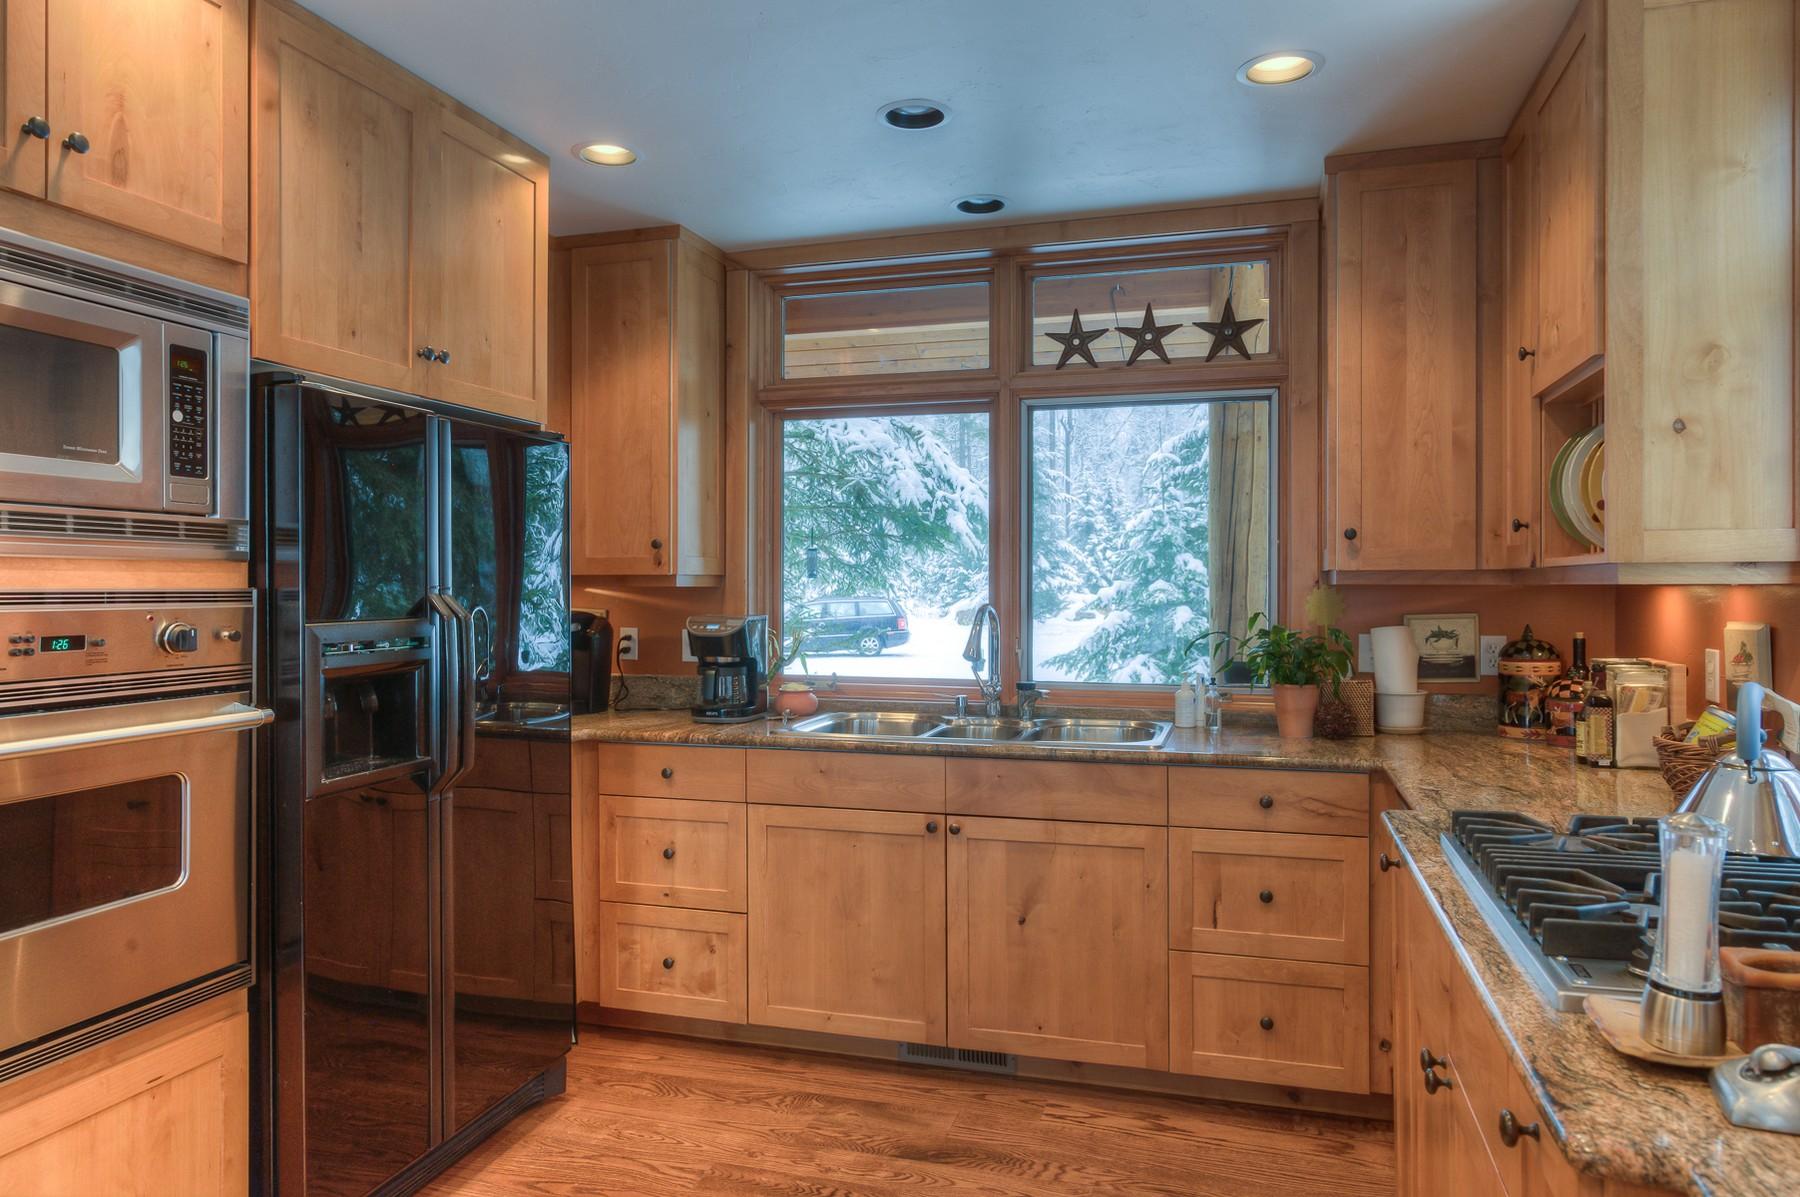 Additional photo for property listing at 400 N Ferndale Dr , Bigfork, MT 59911  Bigfork, Montana 59911 United States